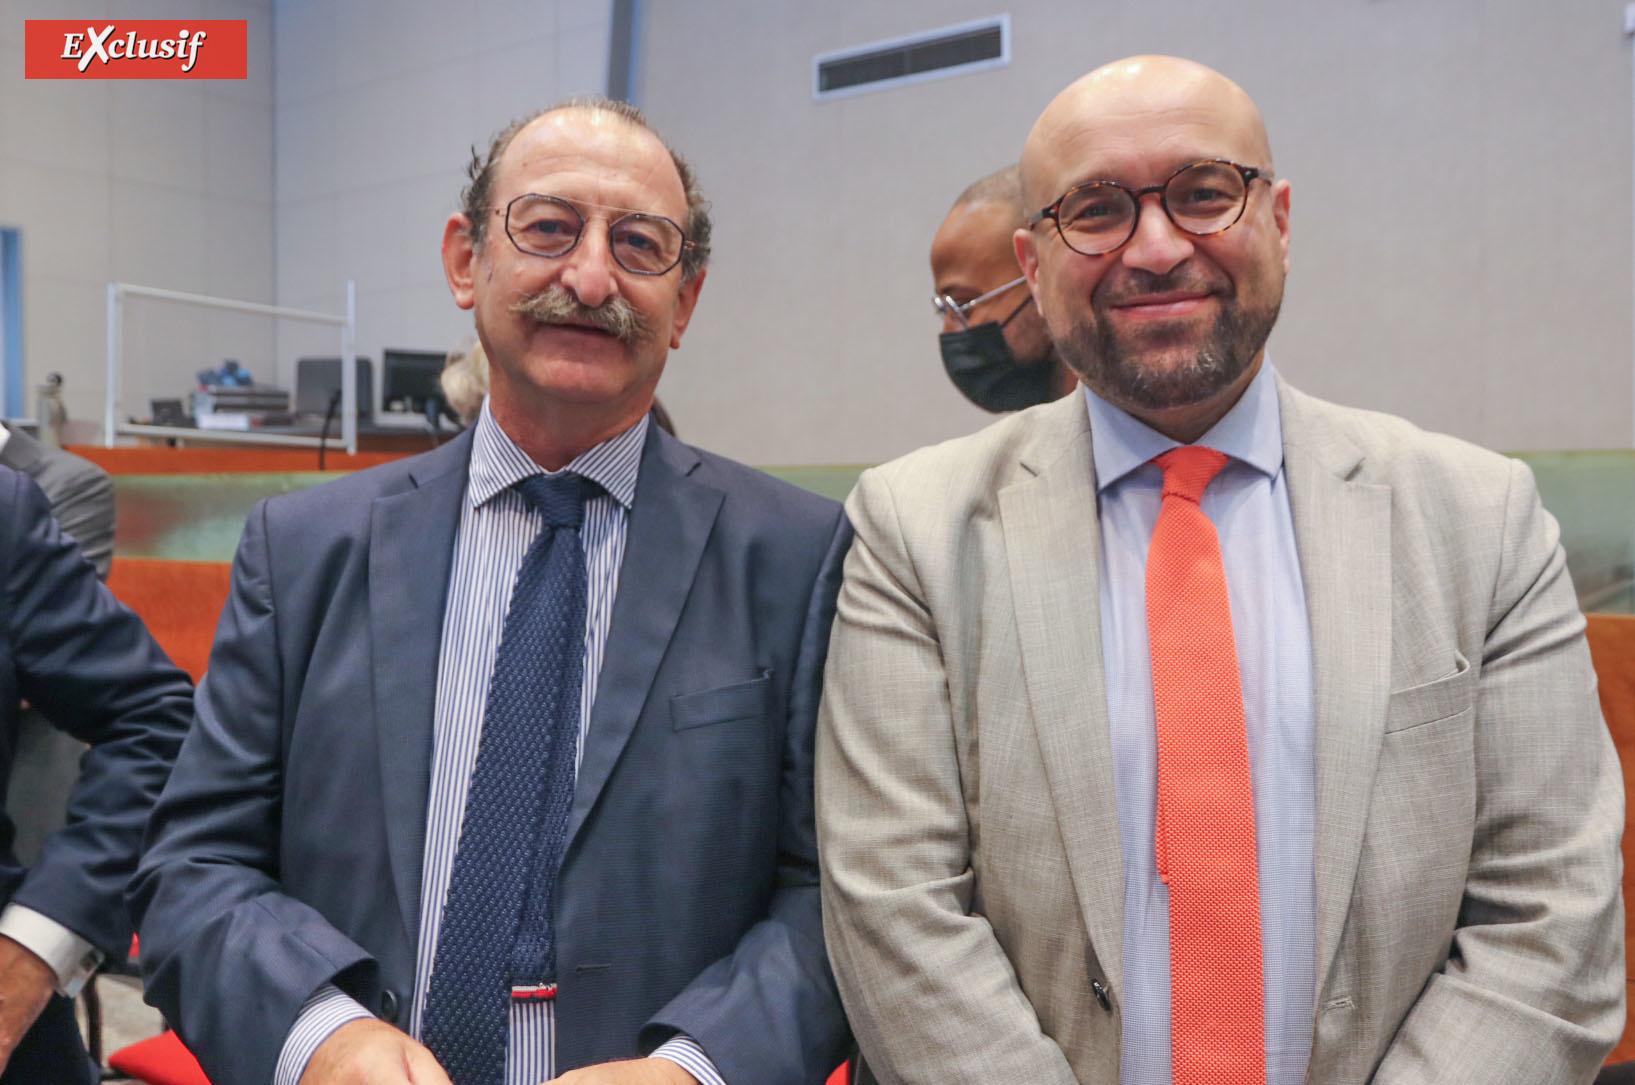 Joaqin Cester, directeur régional des Finances Publiques, et Ottman Zaïr, directeur de cabinet du Préfet de La Réunion